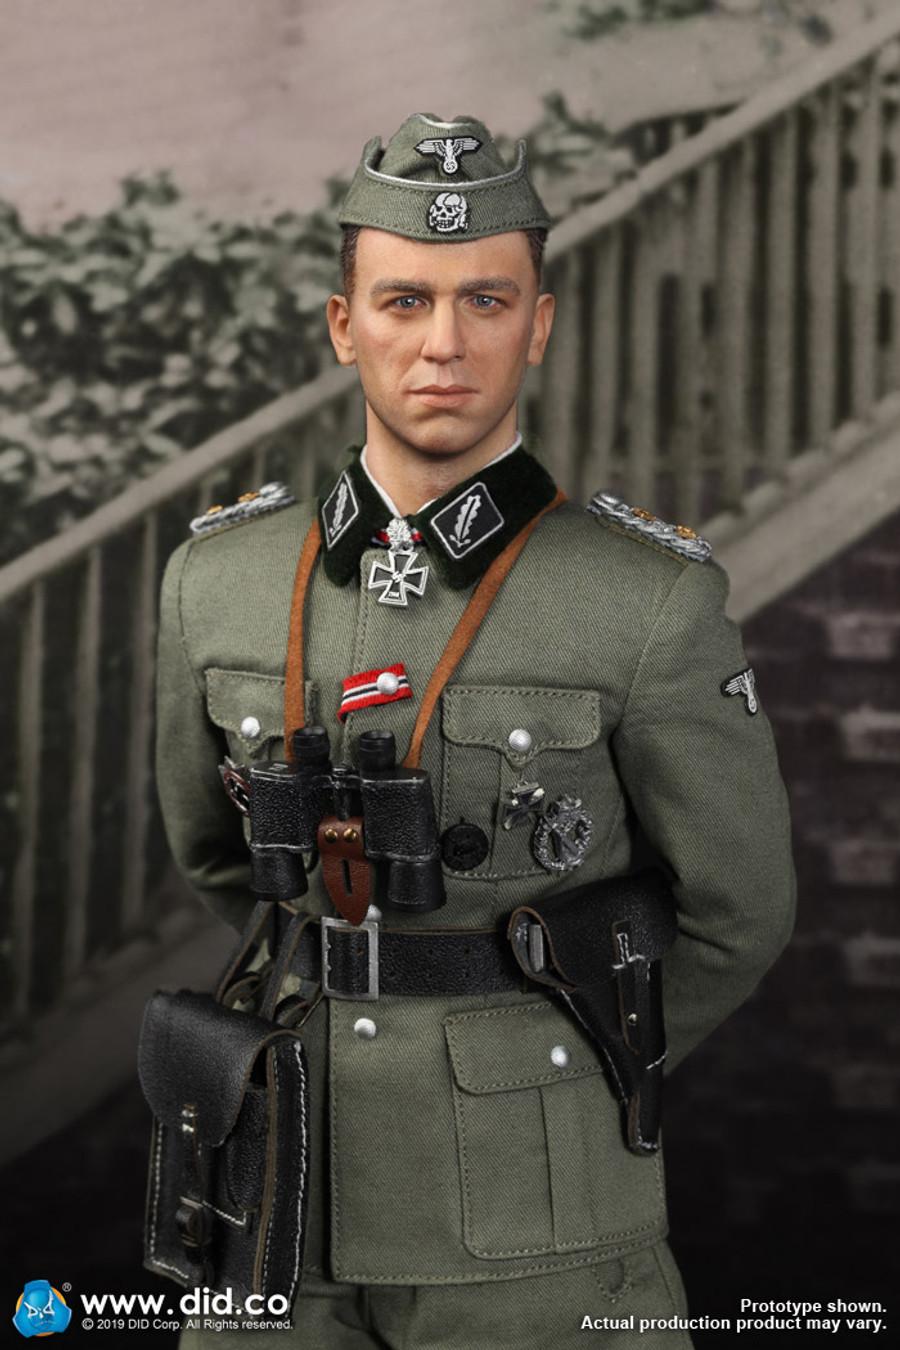 DID - SS Obersturmbannfuhrer Kurt Meyer